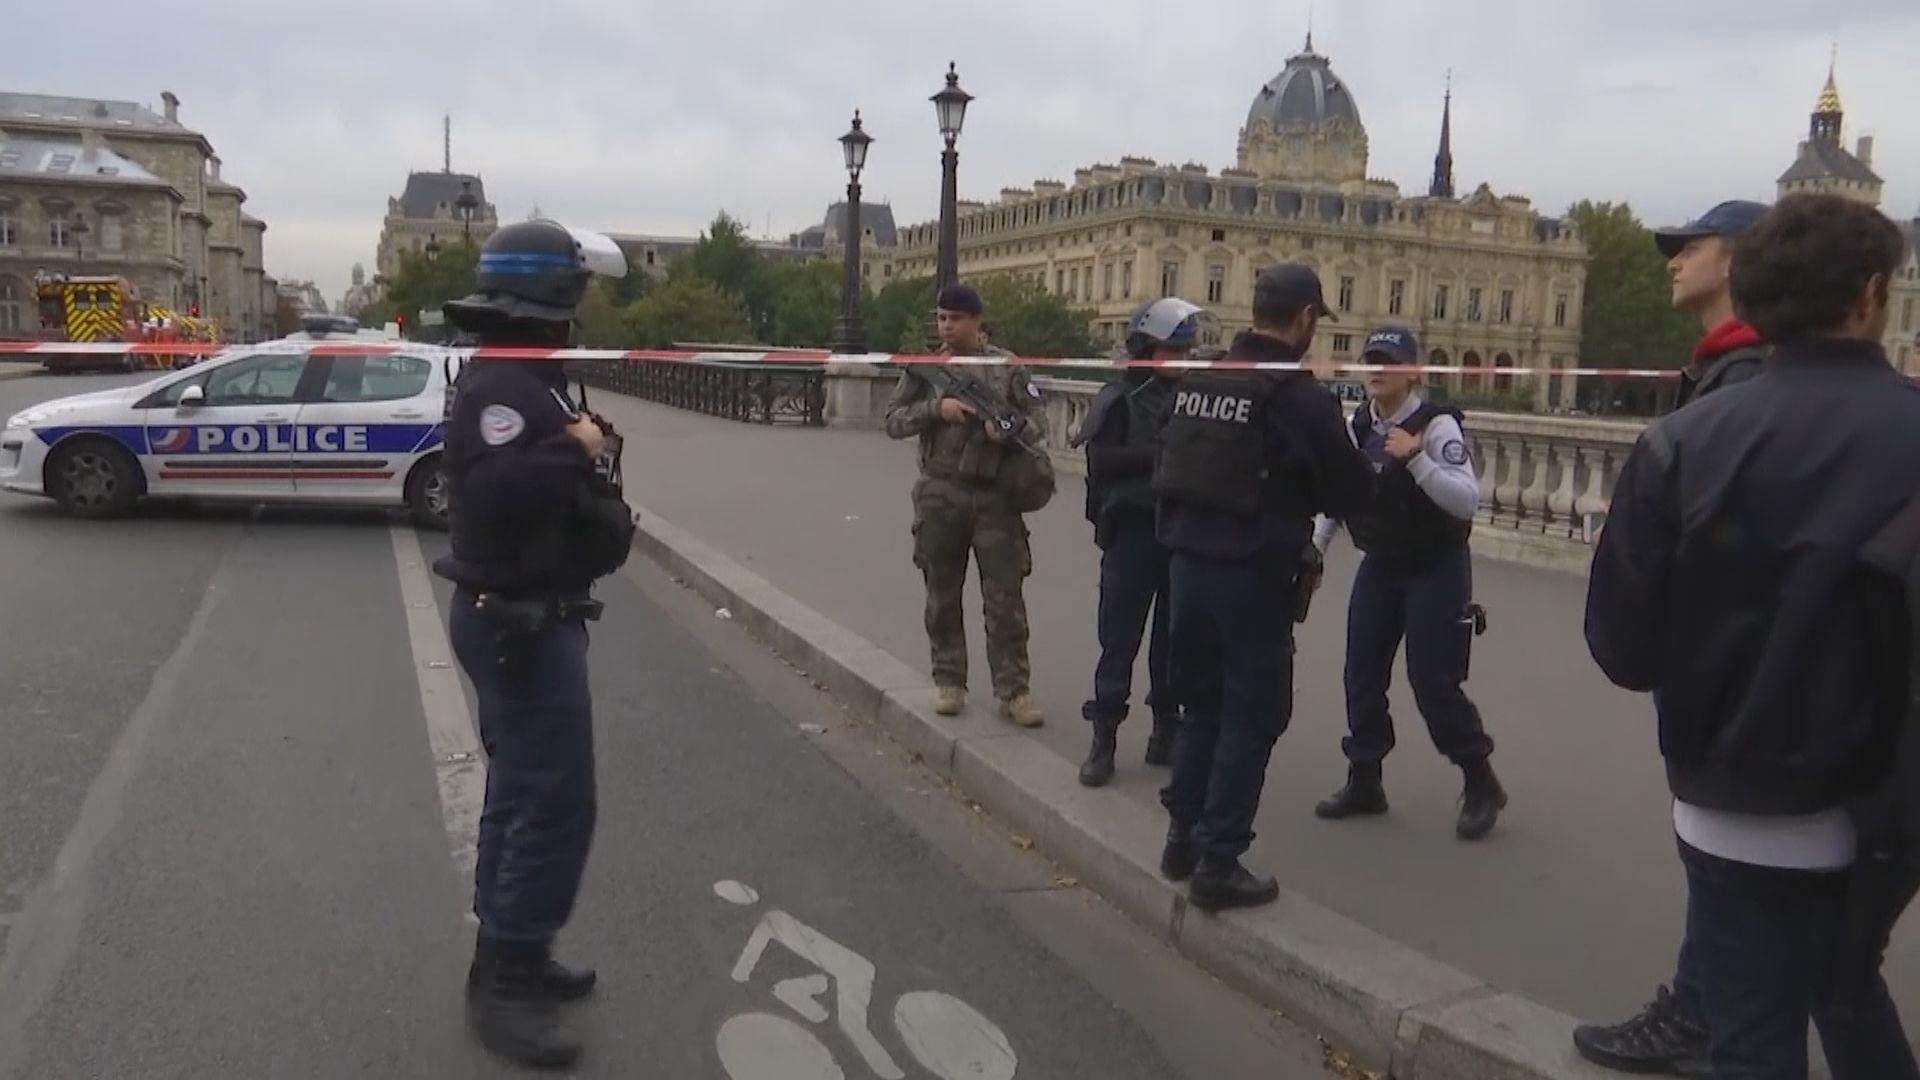 巴黎警察總部有人持刀襲擊 四名警員喪生